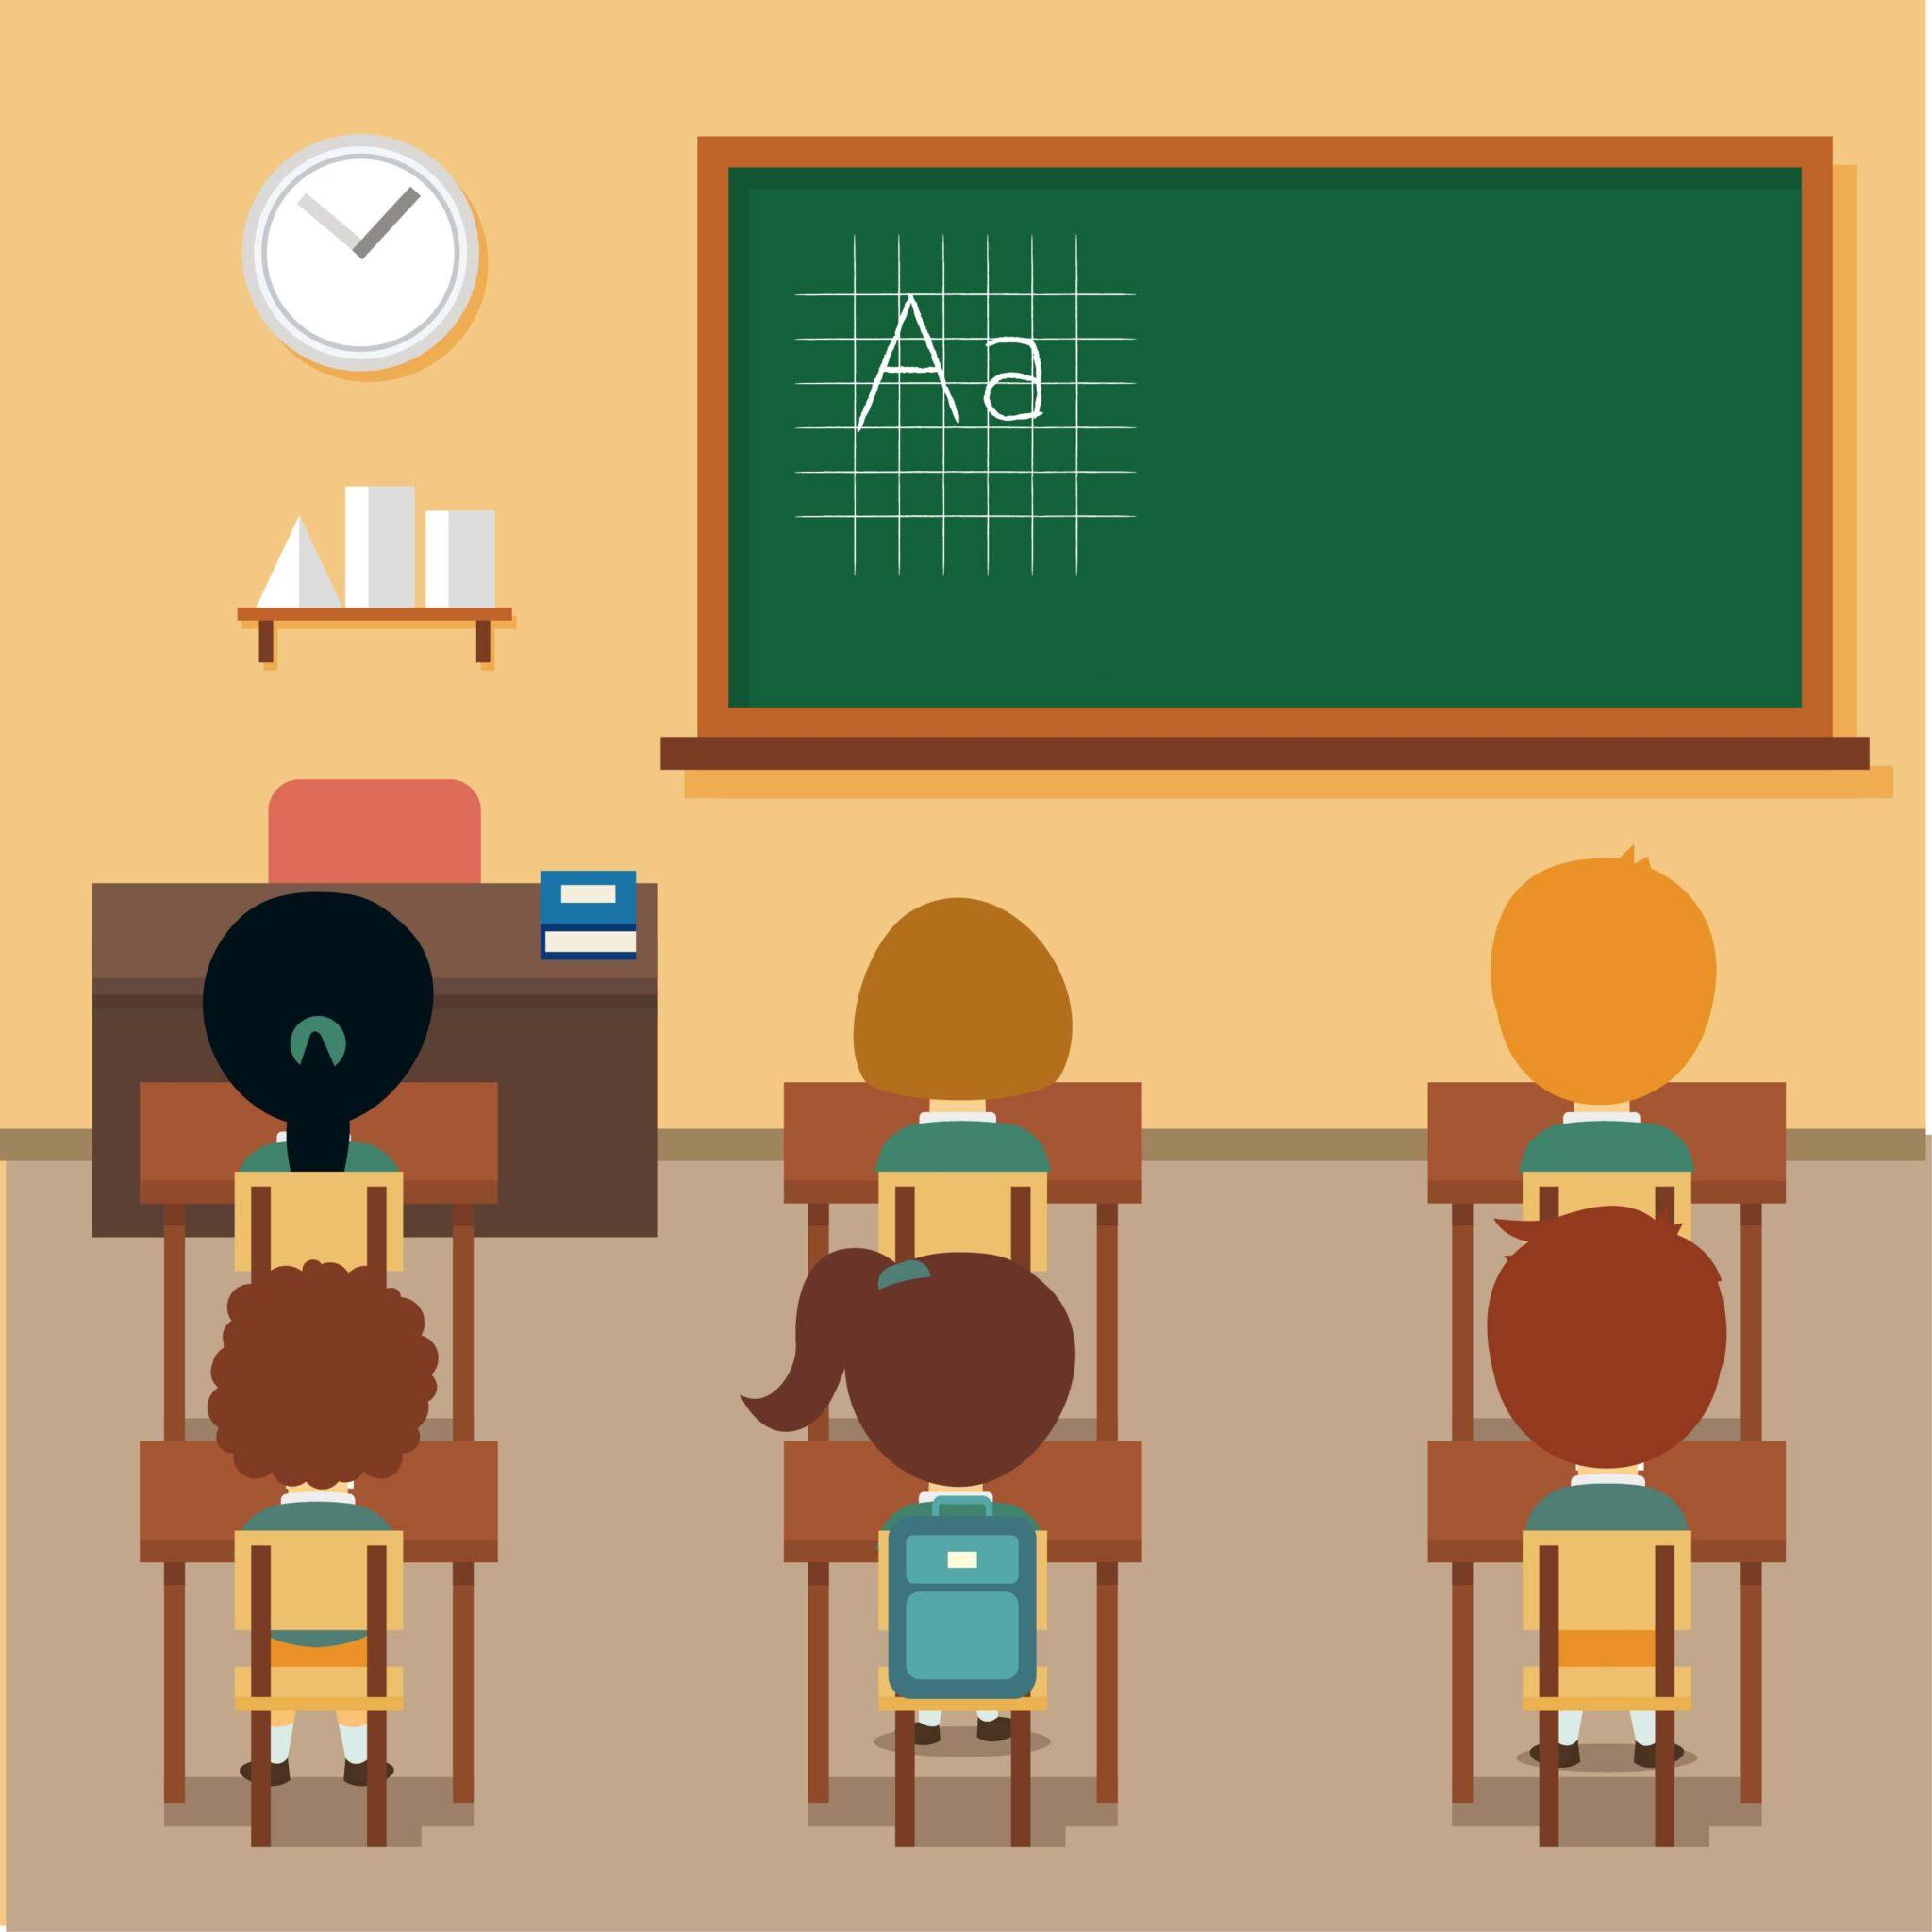 Χαρισματικά παιδιά μέσα στη σχολική τάξη